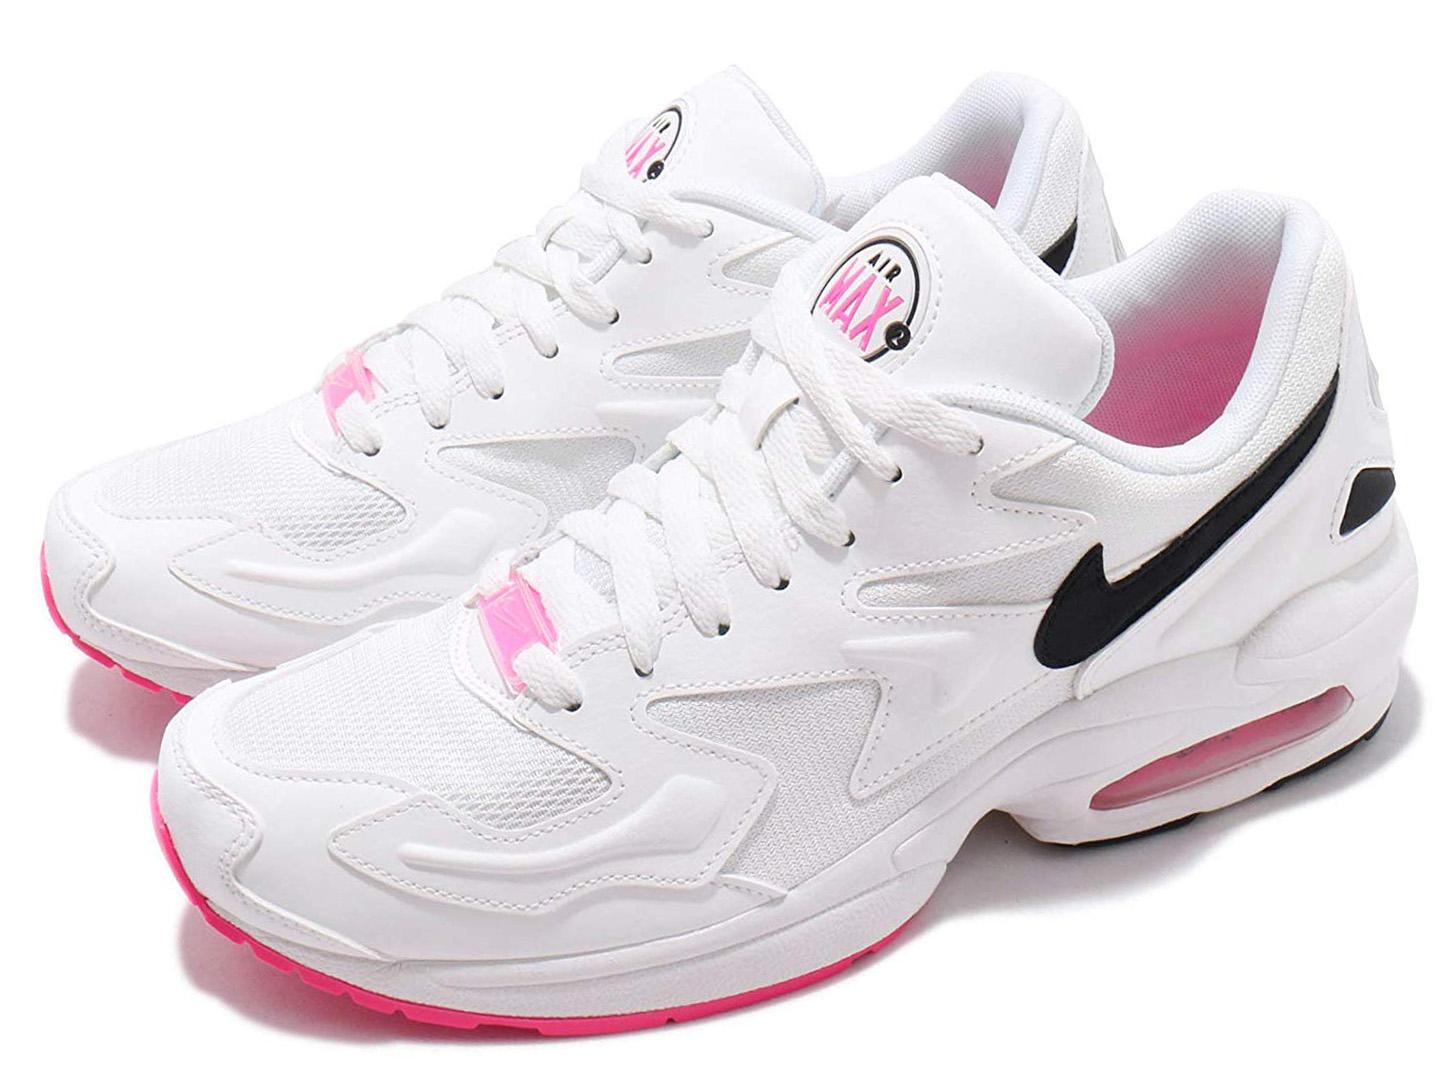 air max 2 full pink